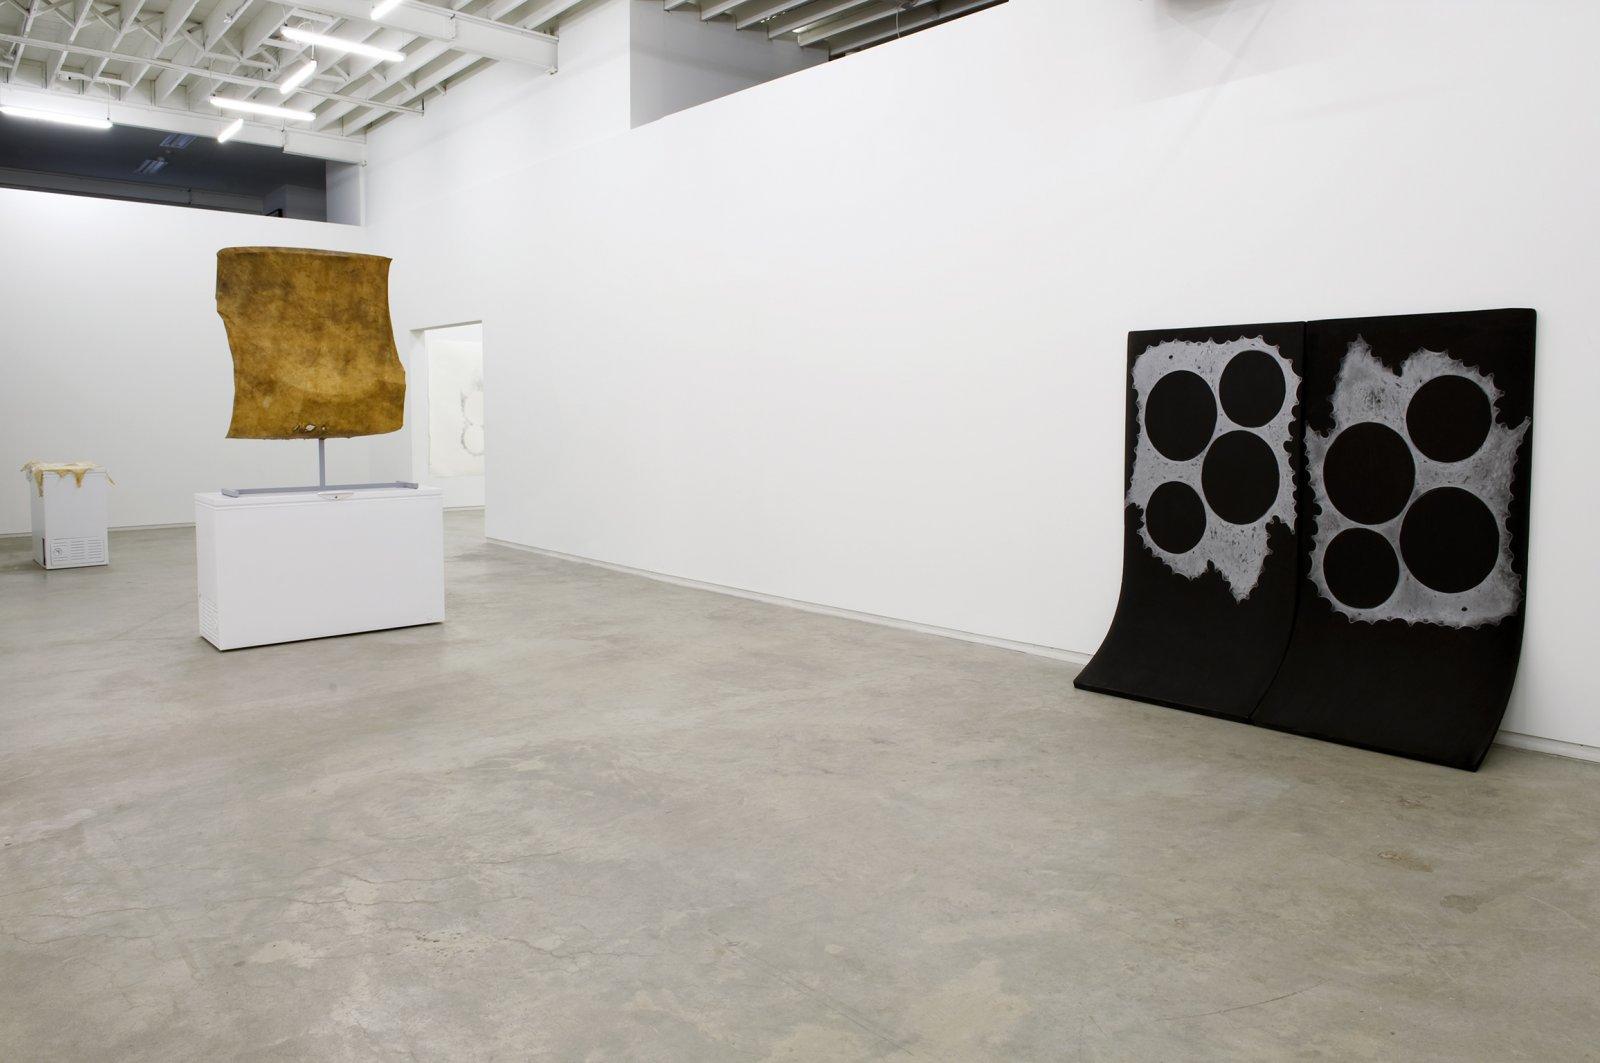 Brian Jungen, installation view, Catriona Jeffries, 2010  by Brian Jungen